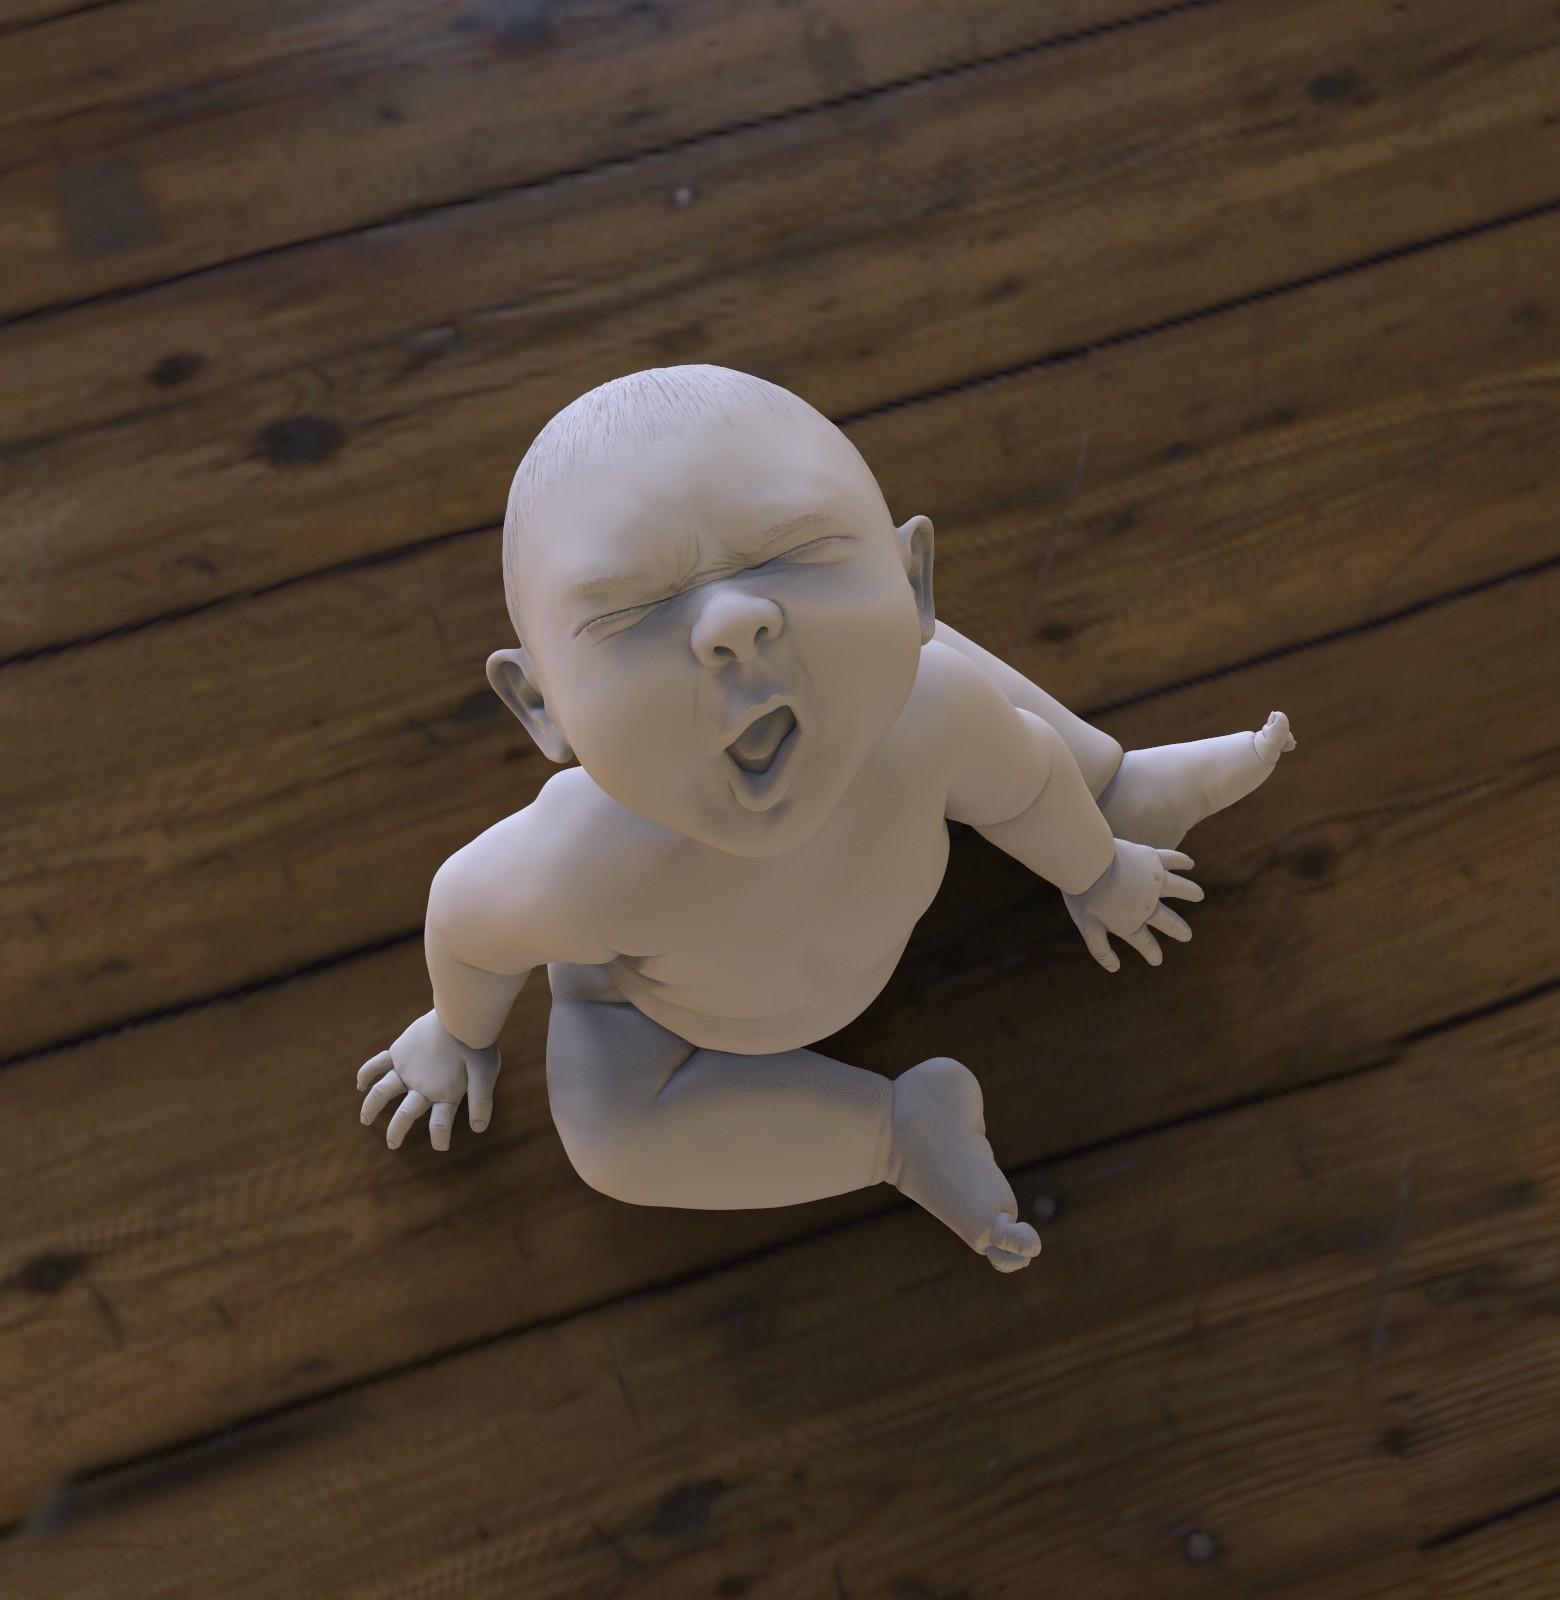 baby06_vorschau..jpg Download OBJ file Angry Baby • 3D printing design, udograf